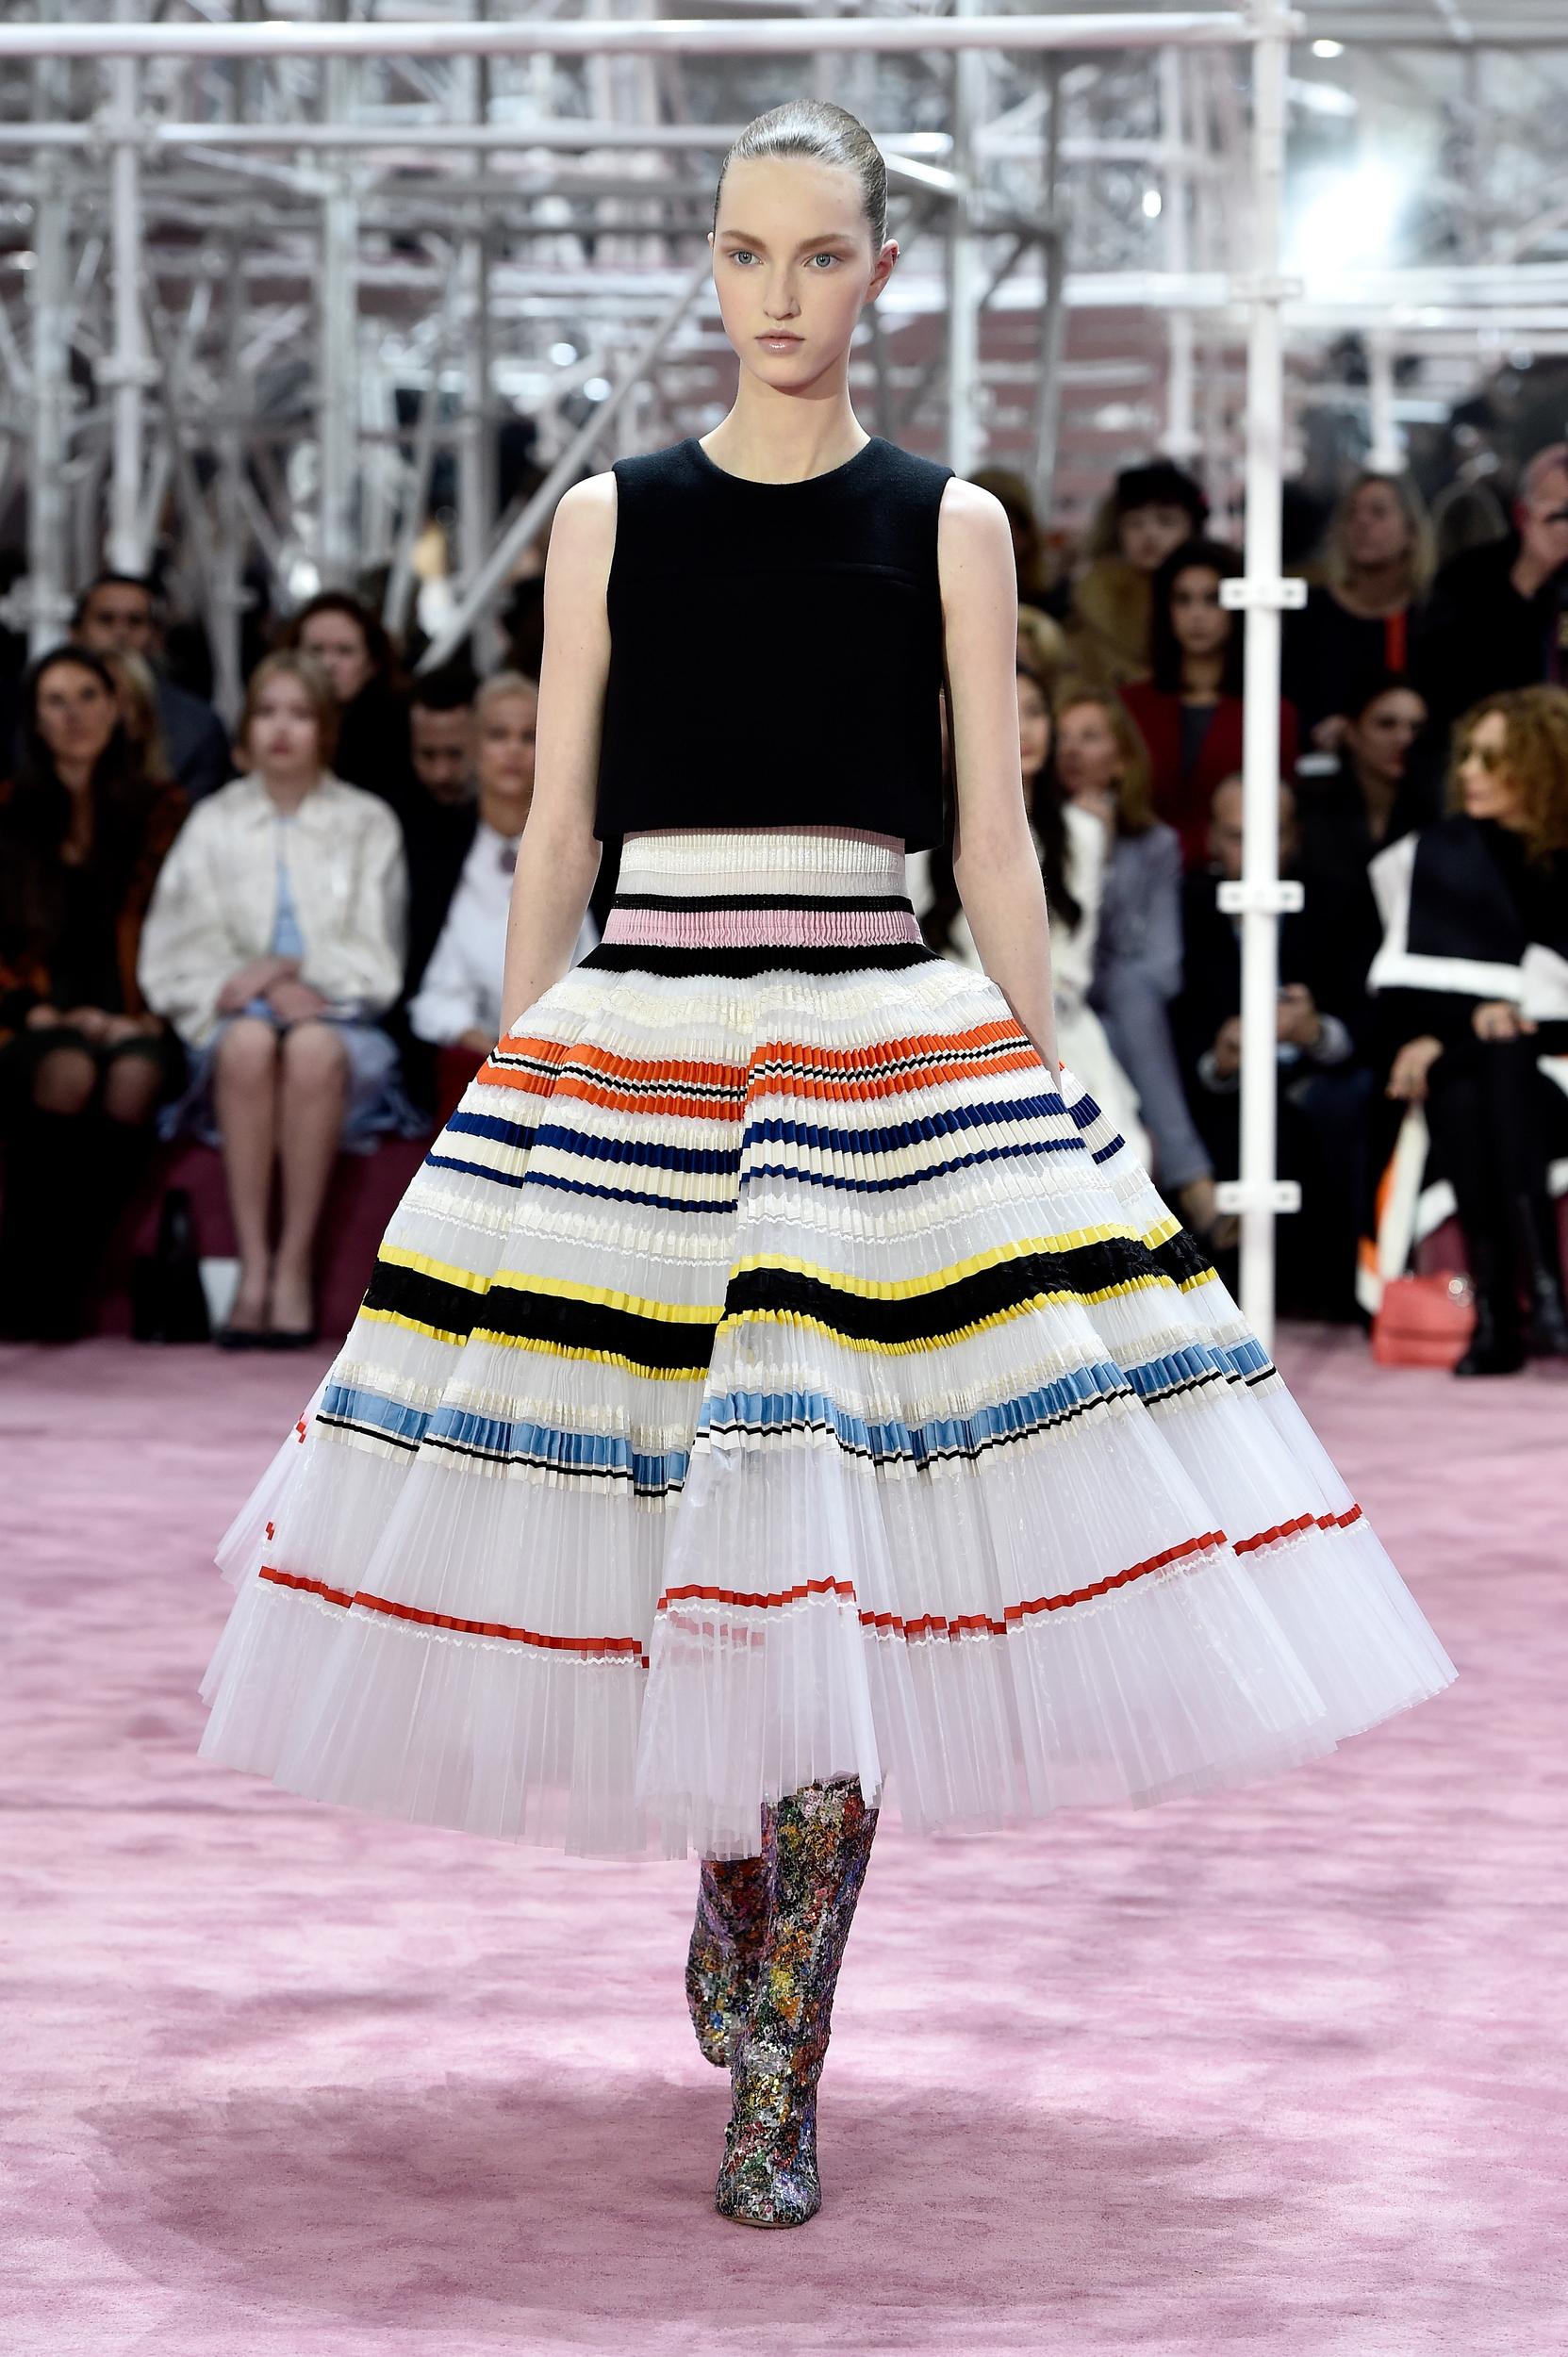 christian-dior-runway-paris-fashion-week-haute-couture-s-s-2-1.jpg